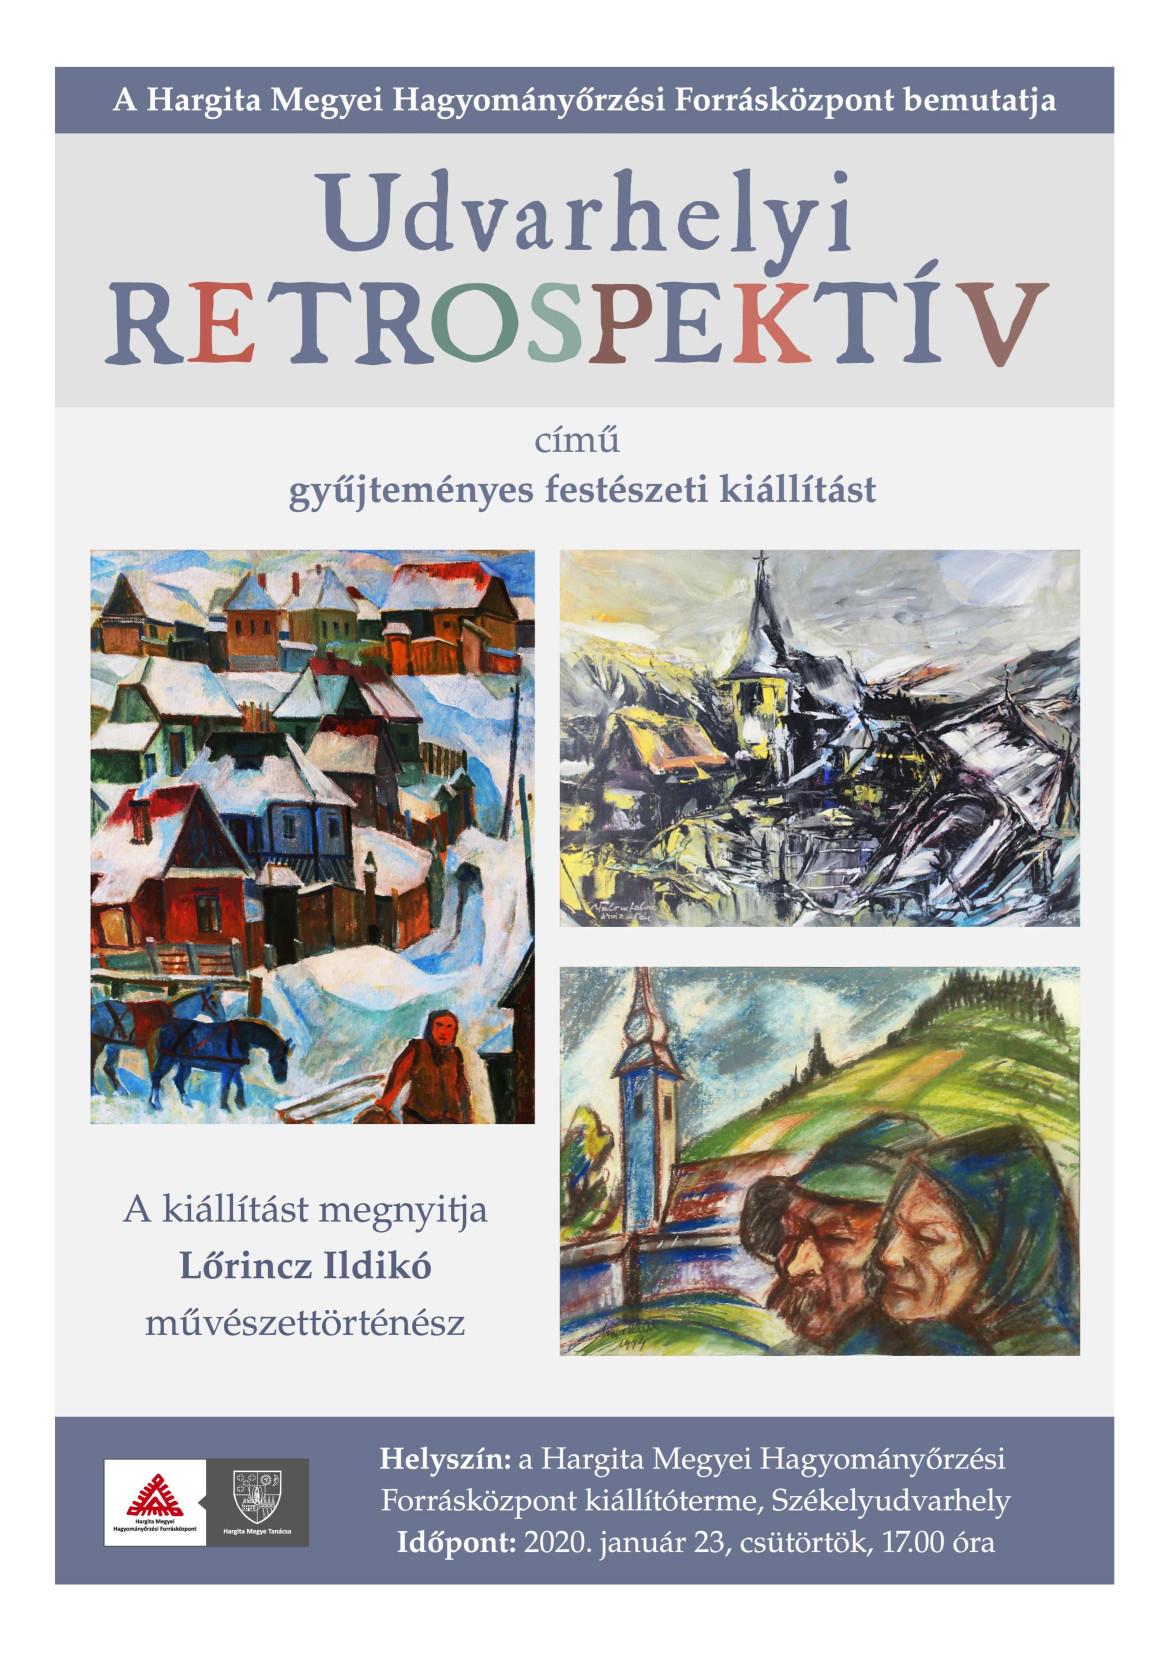 Udvarhelyi retrospektív. Gyűjteményes képzőművészeti kiállítás